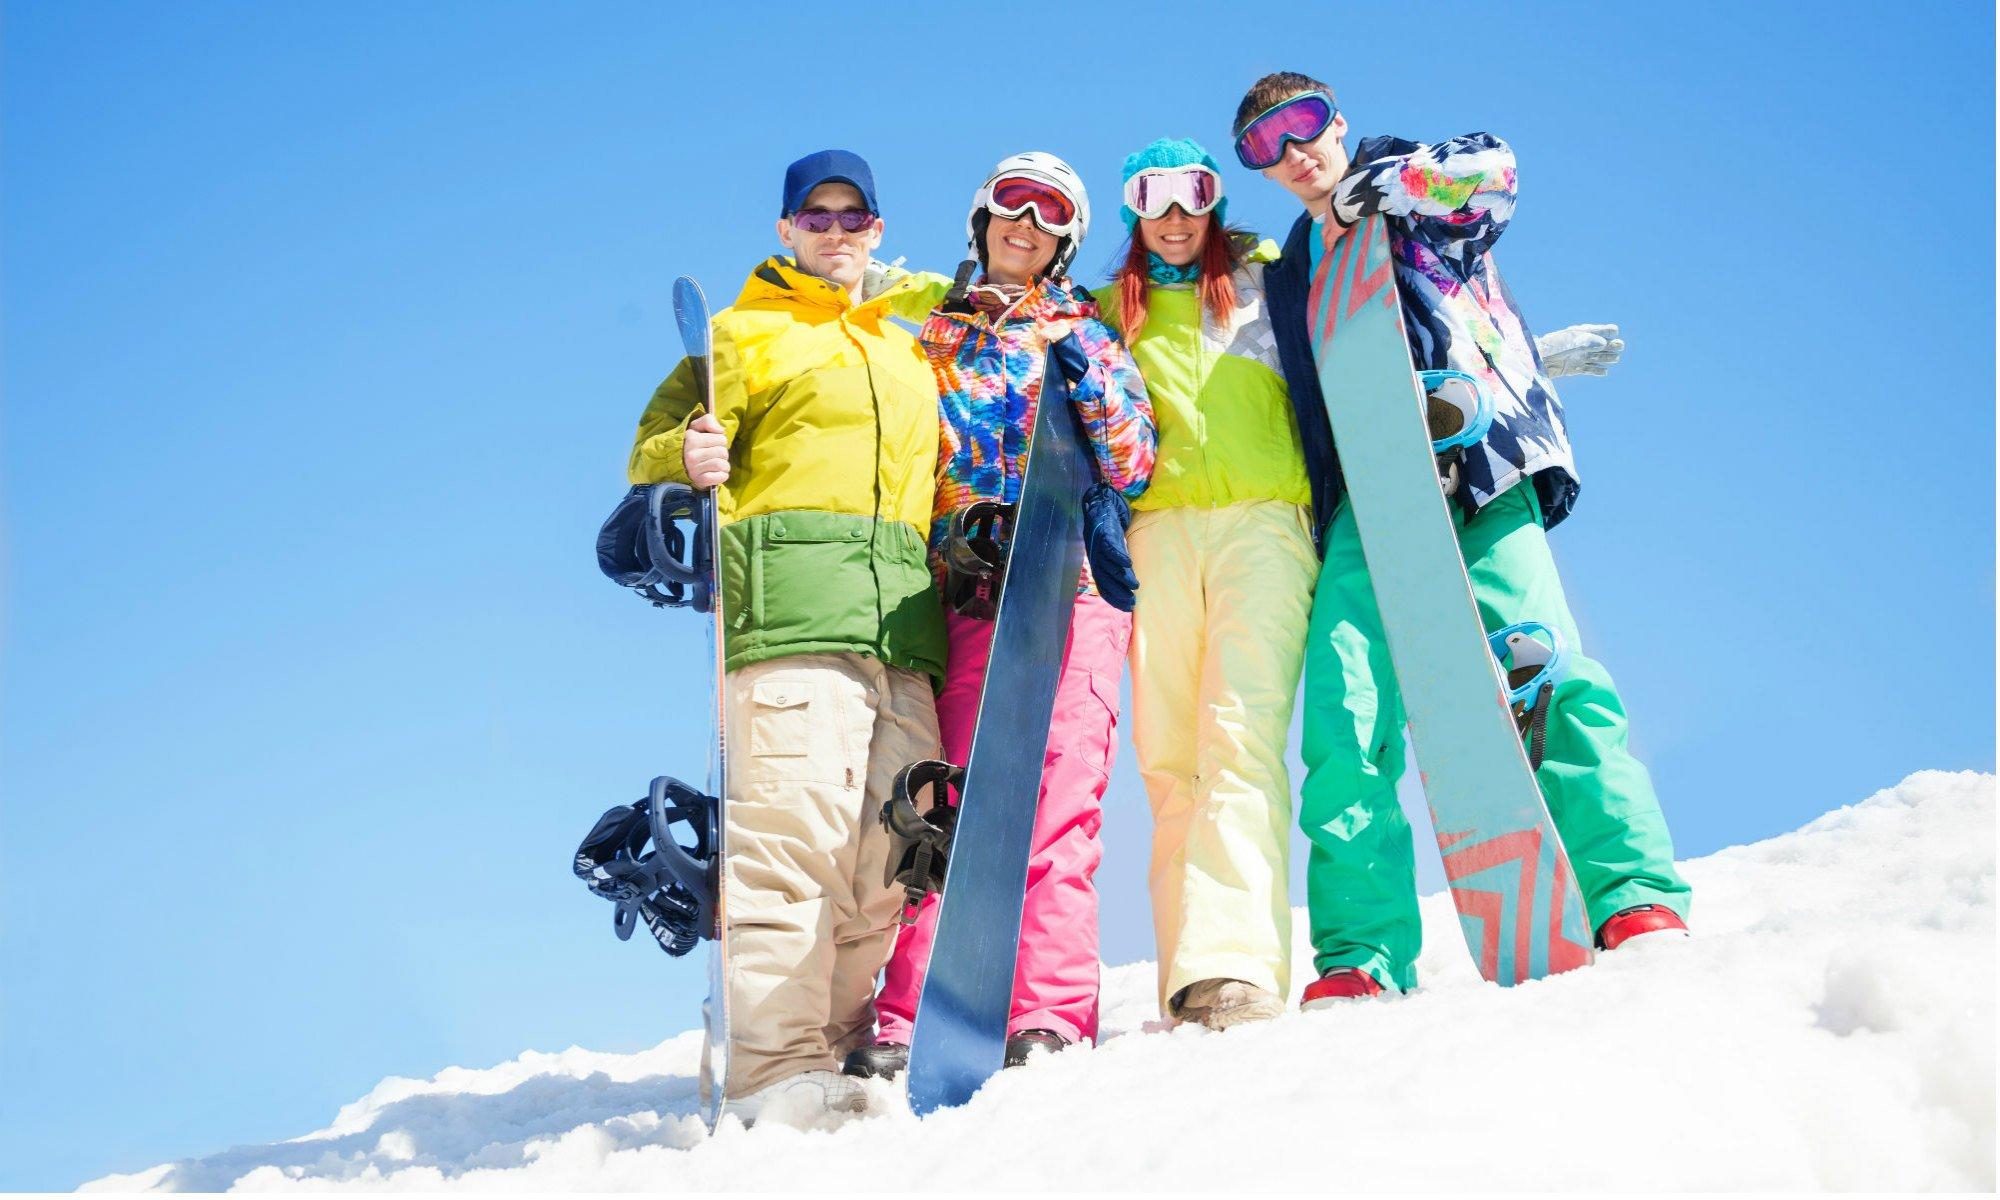 Un gruppo di amici in posa sulla neve con i loro snowboard.